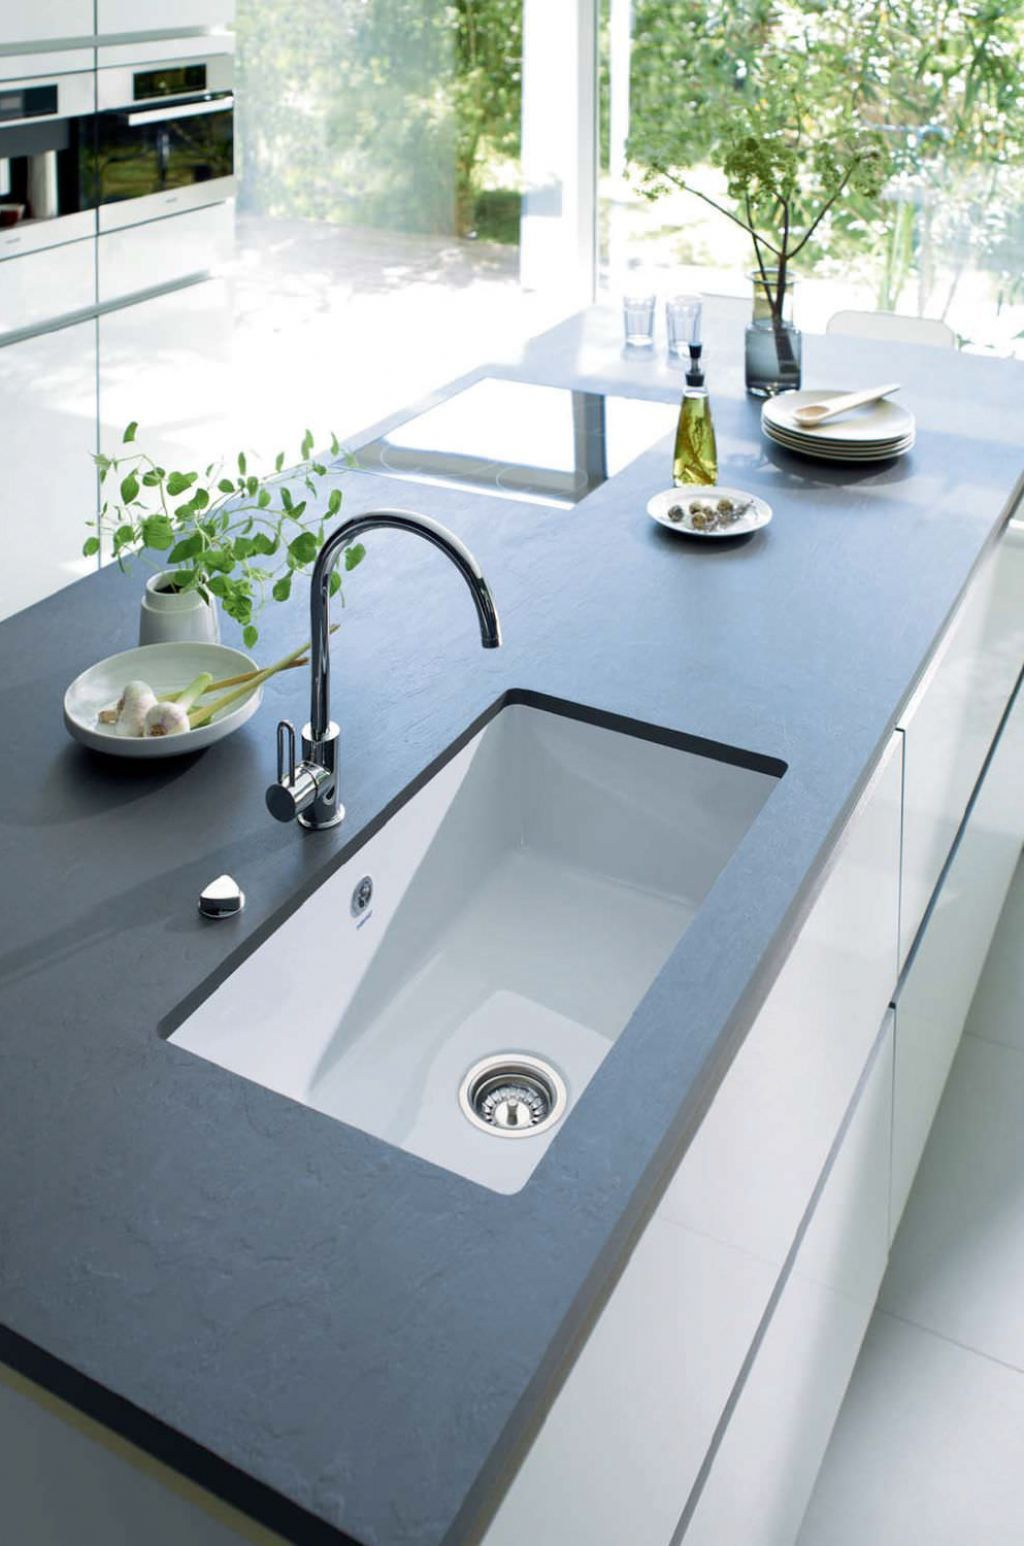 kitchen inspiring modern kitchen sink design with glass and rh pinterest com